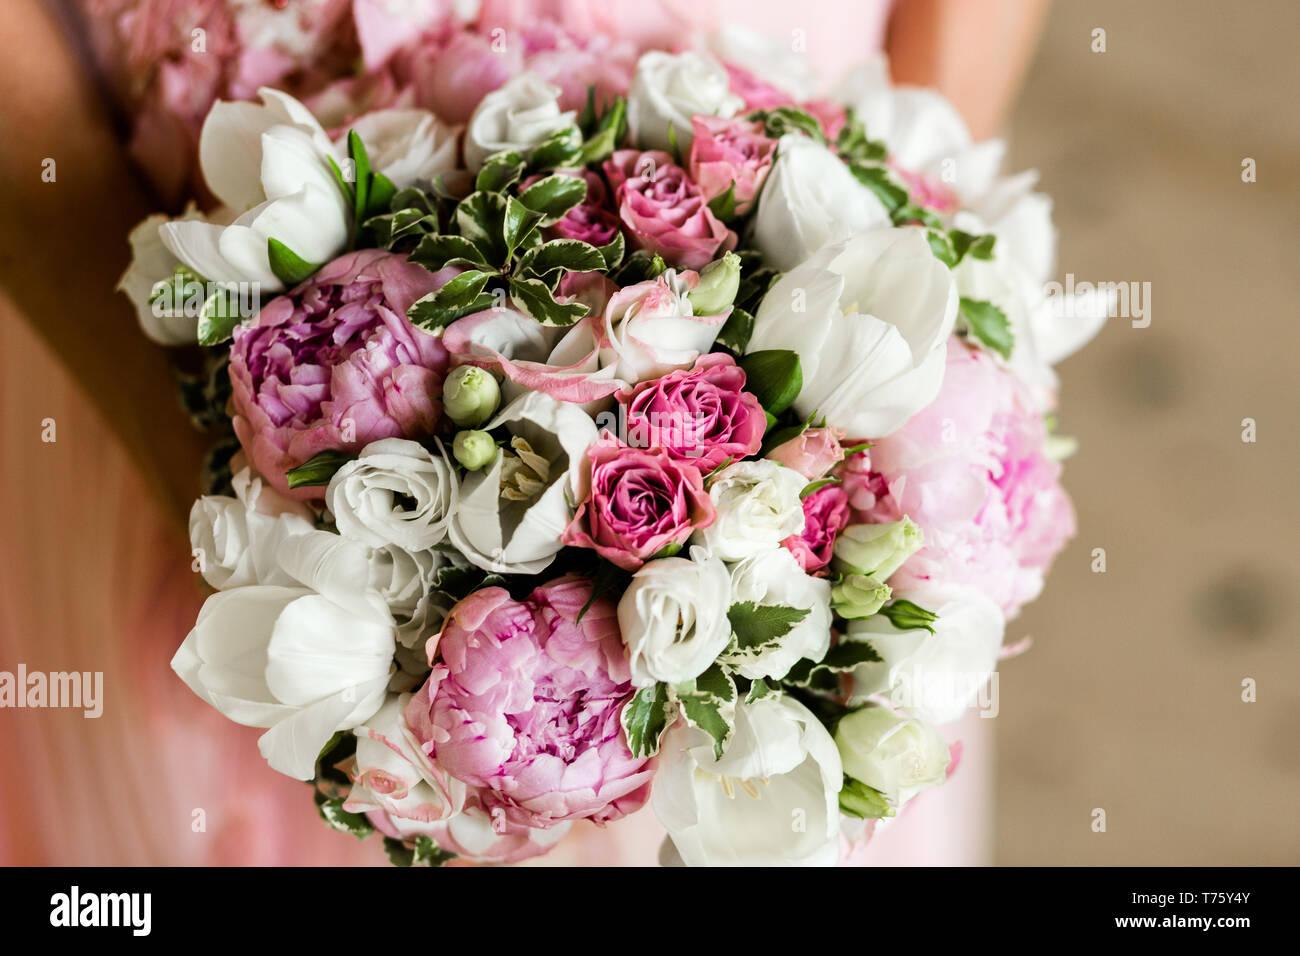 Bouquet Sposa Lisianthus E Rose.Eustoma Tulips Roses Stock Photos Eustoma Tulips Roses Stock